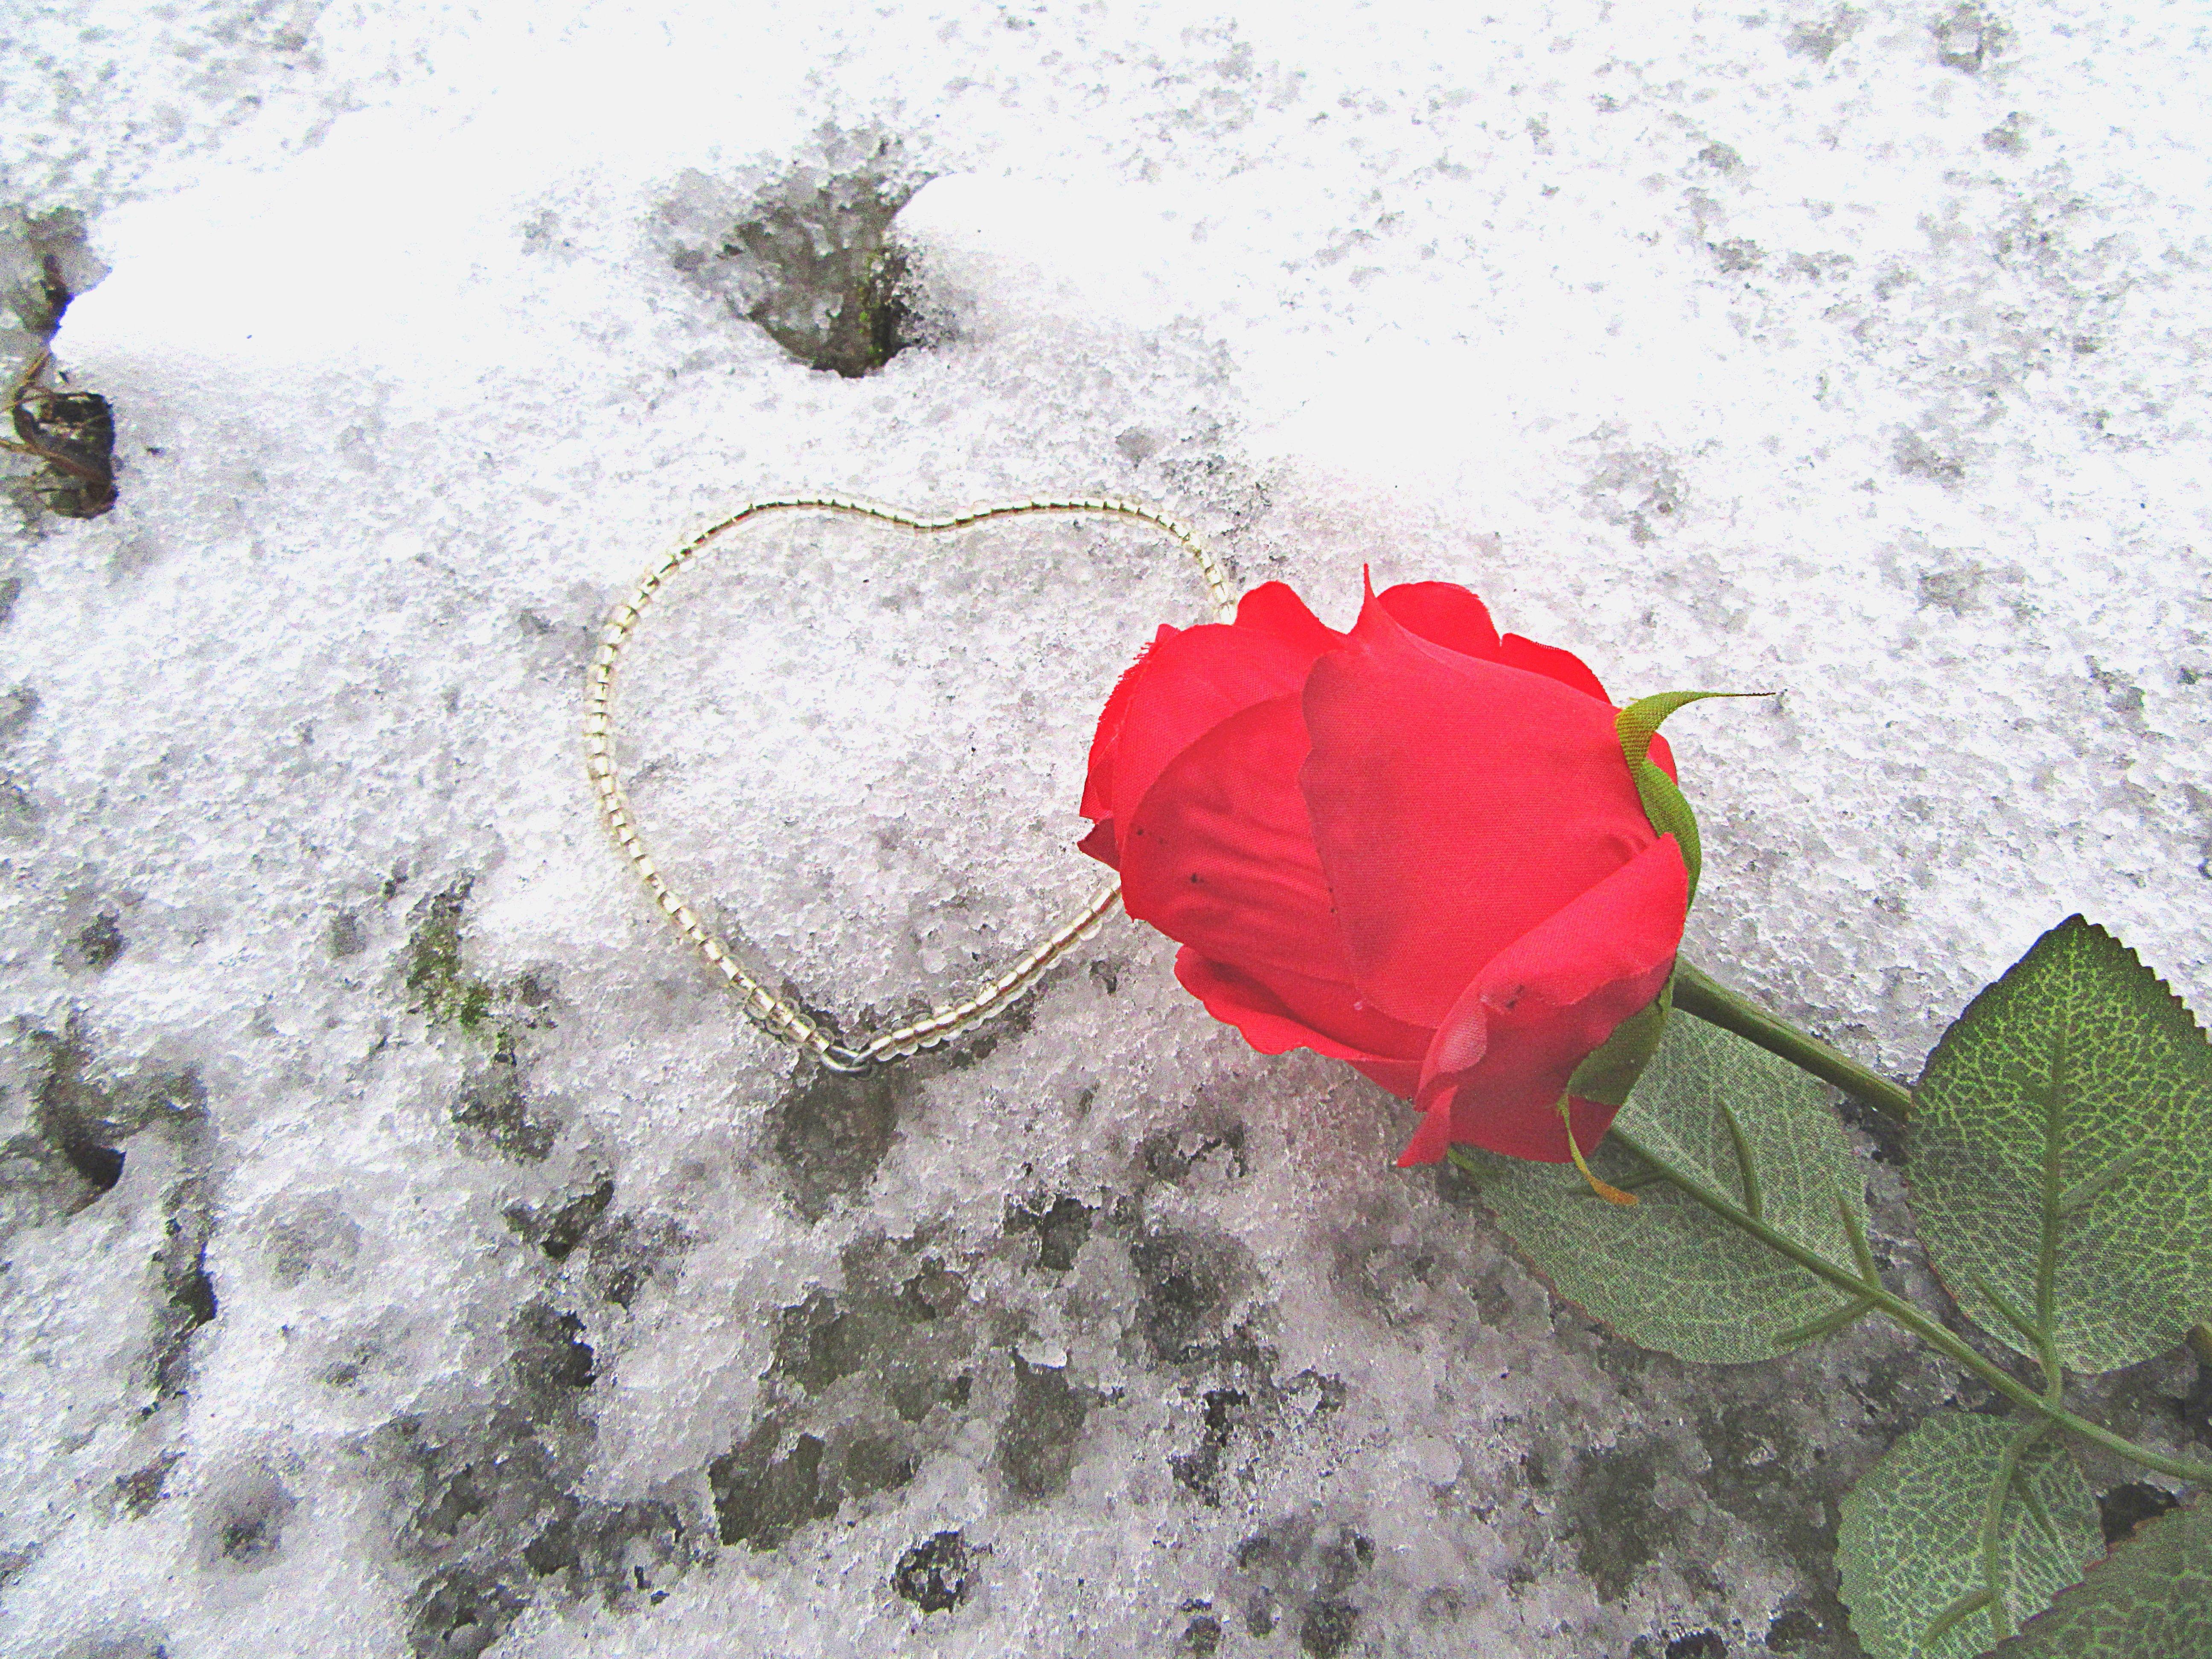 Gambar Salju Musim Dingin Menanam Daun Bunga Suasana